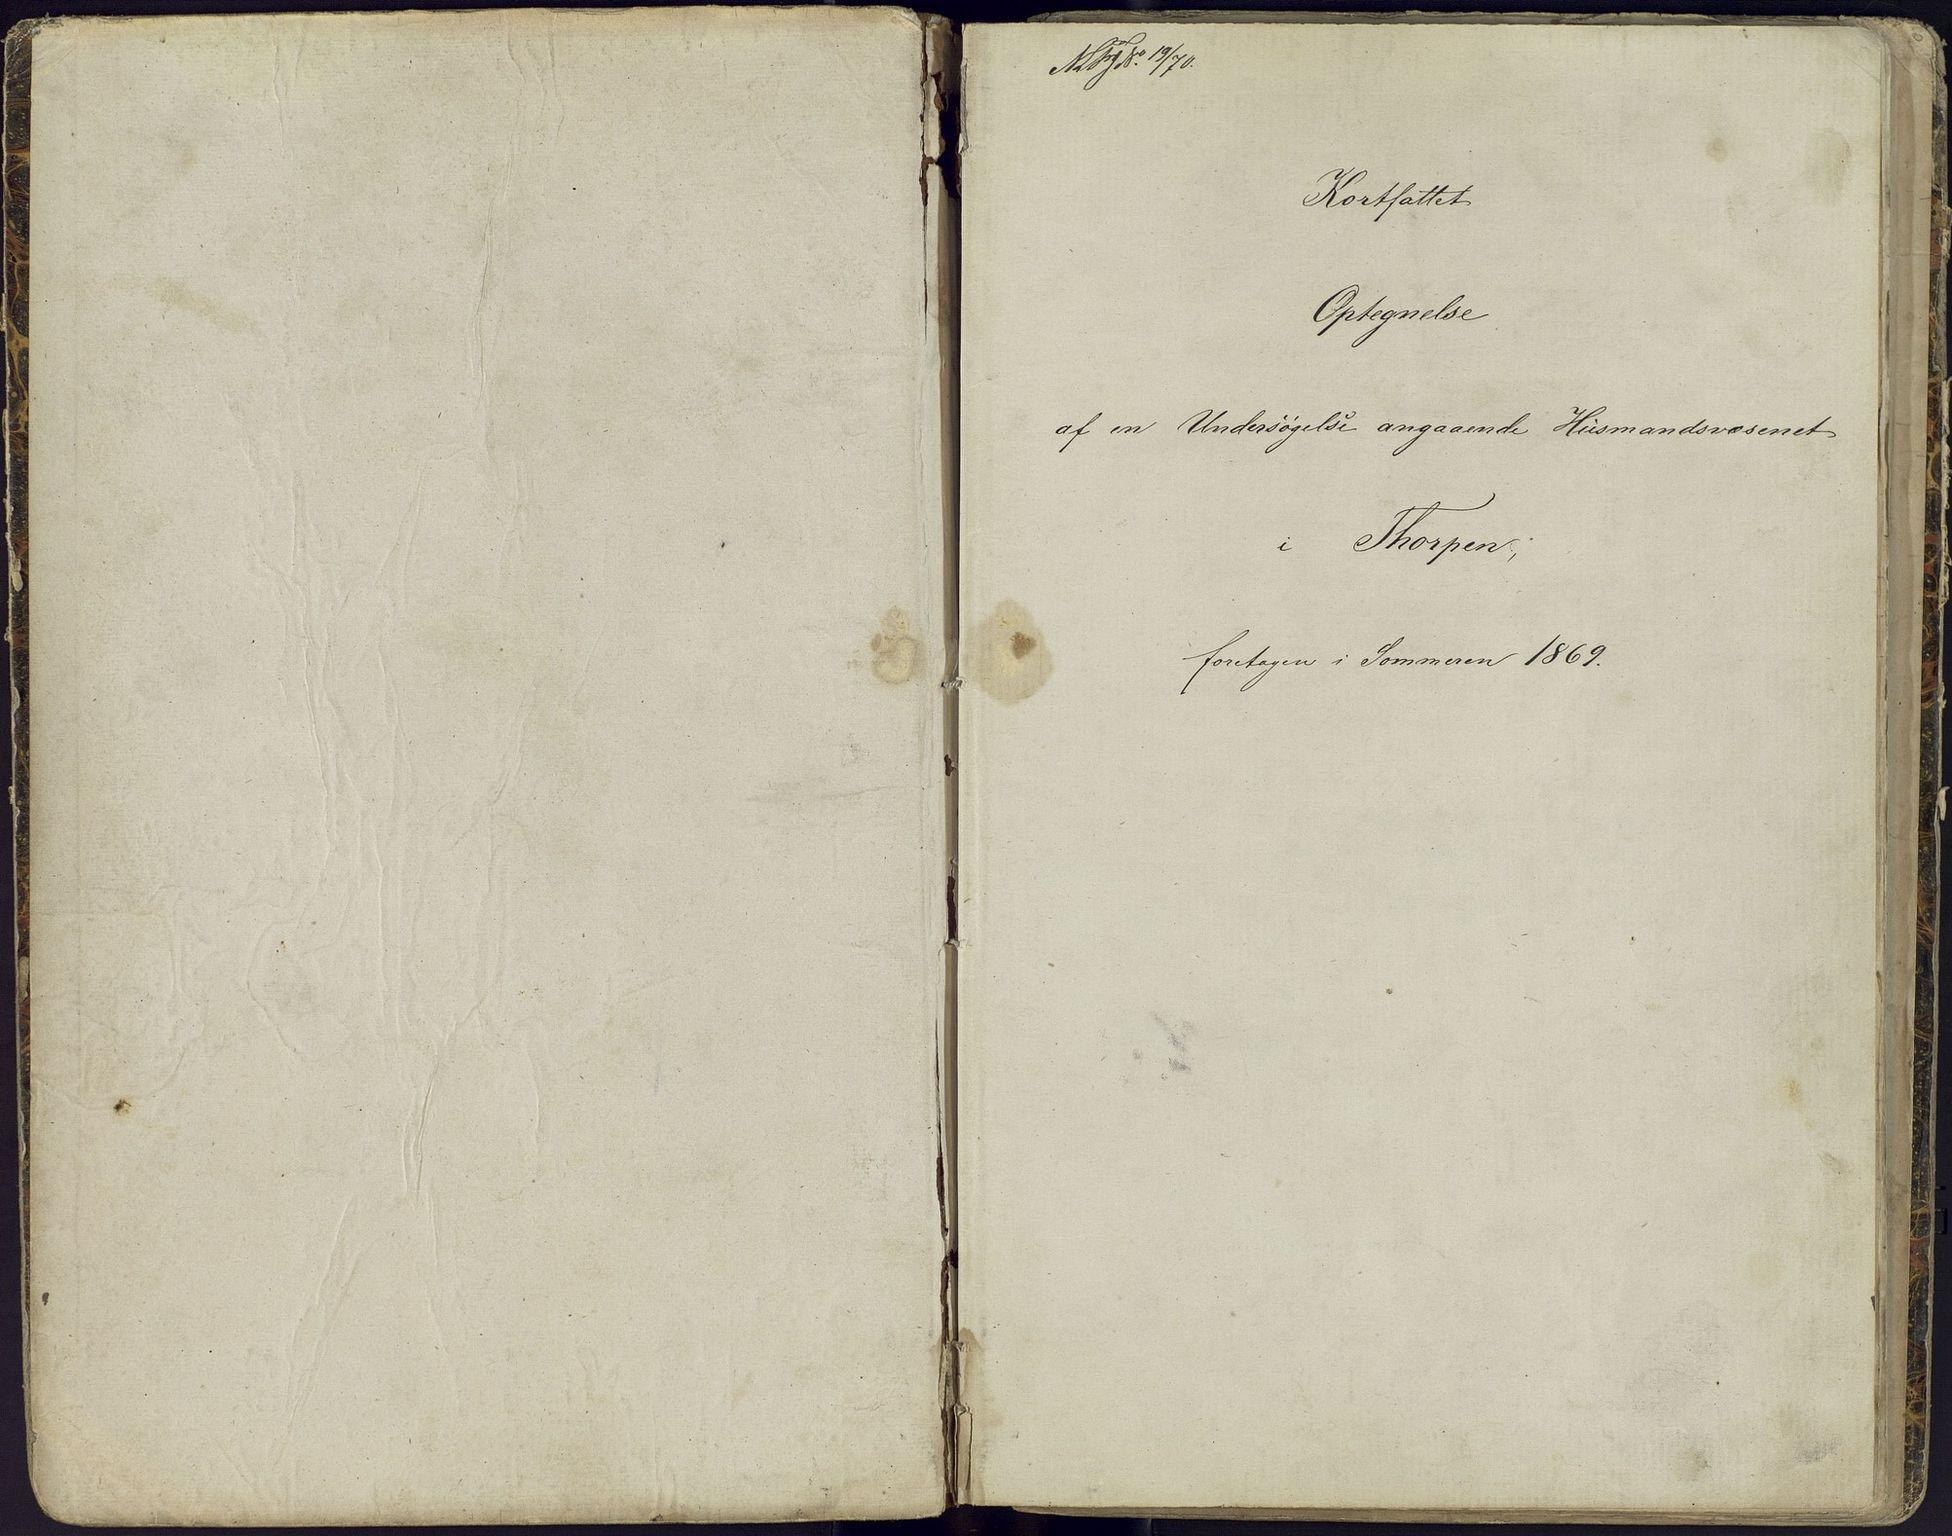 OFA, Thorpen kommune - Kortfattet optegnelse af en Undersøgelse angaaende Husmandsvæsenet i Thorpen foretagen i Sommeren 1869